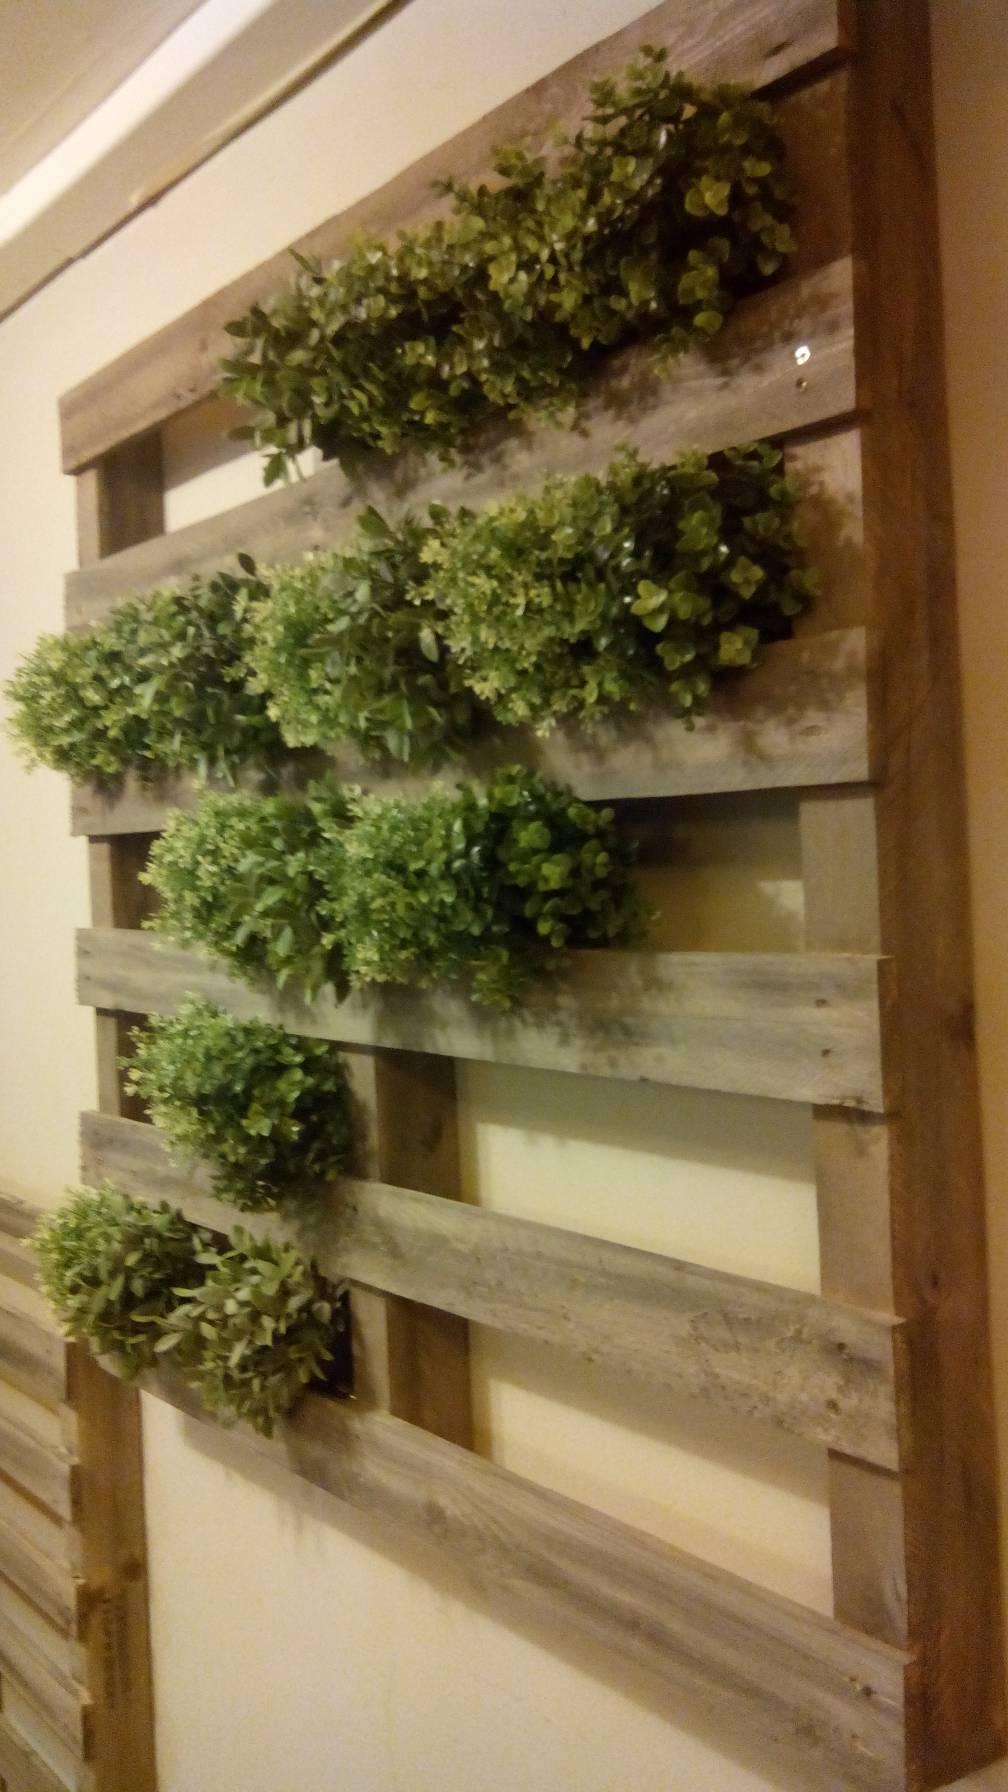 Jardin vertical faite avec des palettesmeuble en palette Jardin vertical en palets